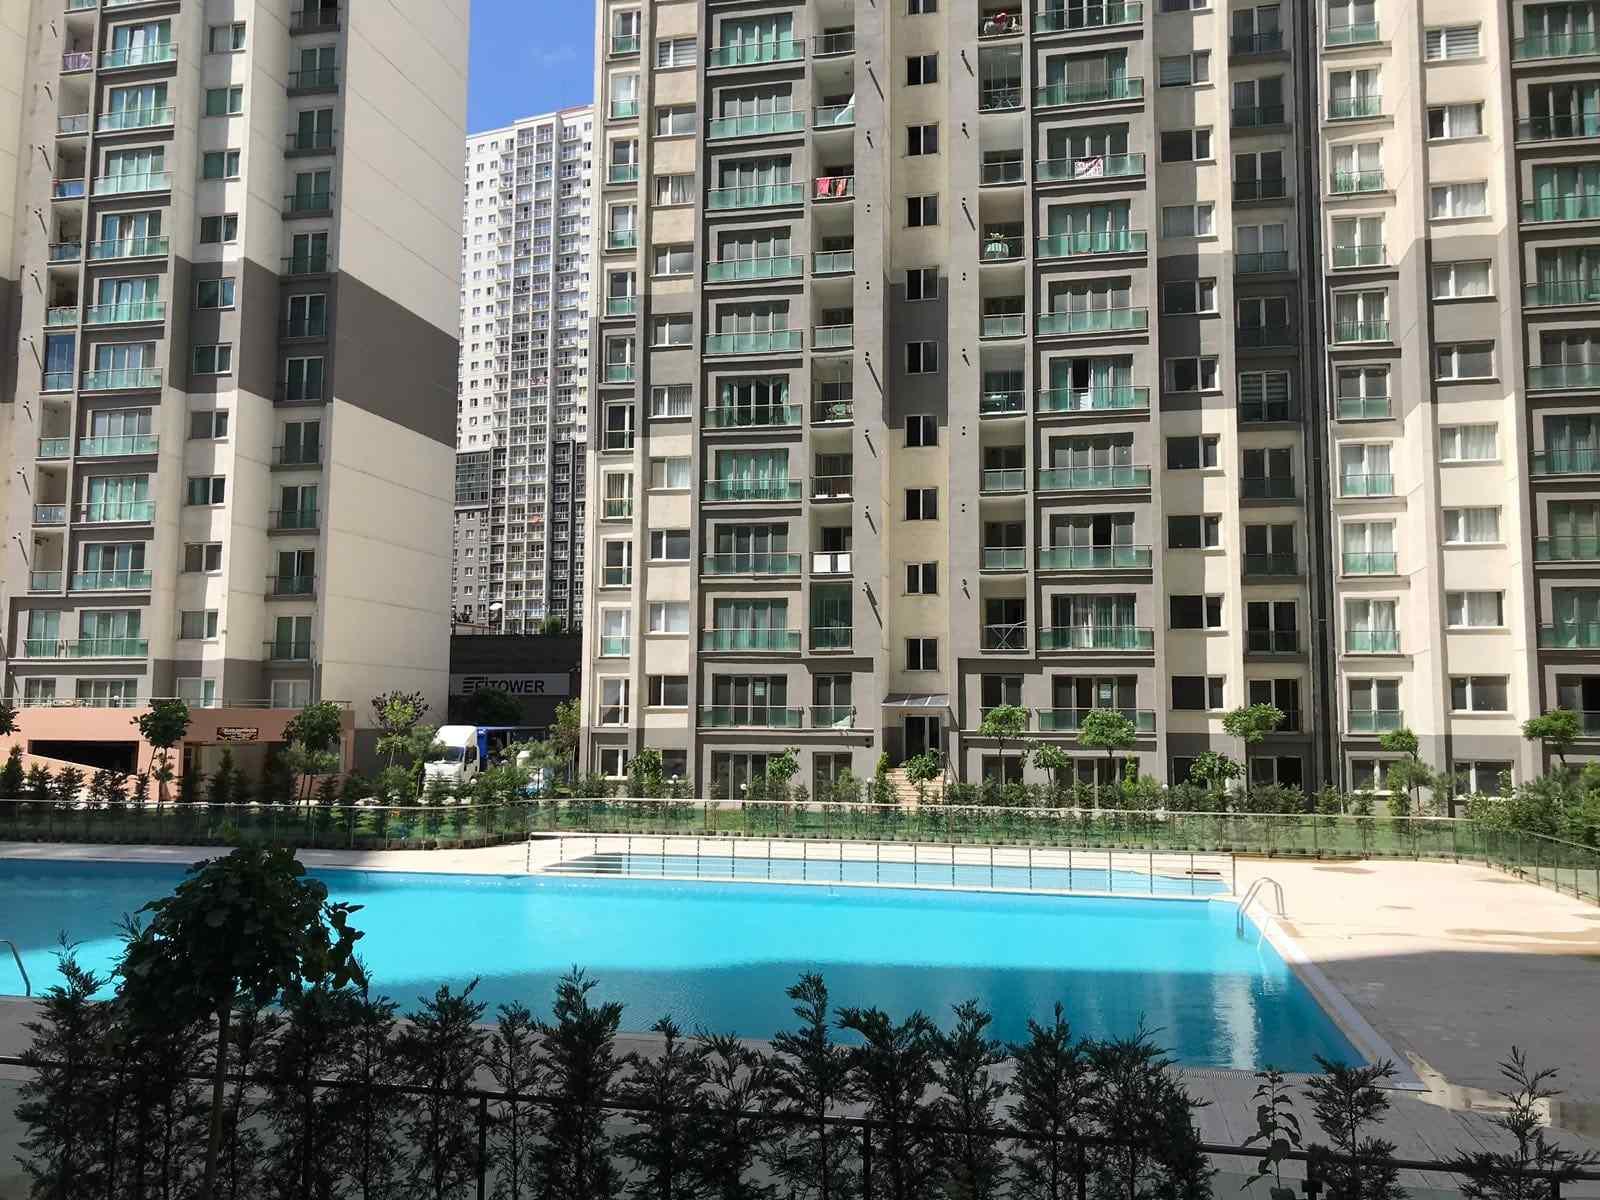 شقة في مجمع سكني في الطابق 18 – اسطنبول